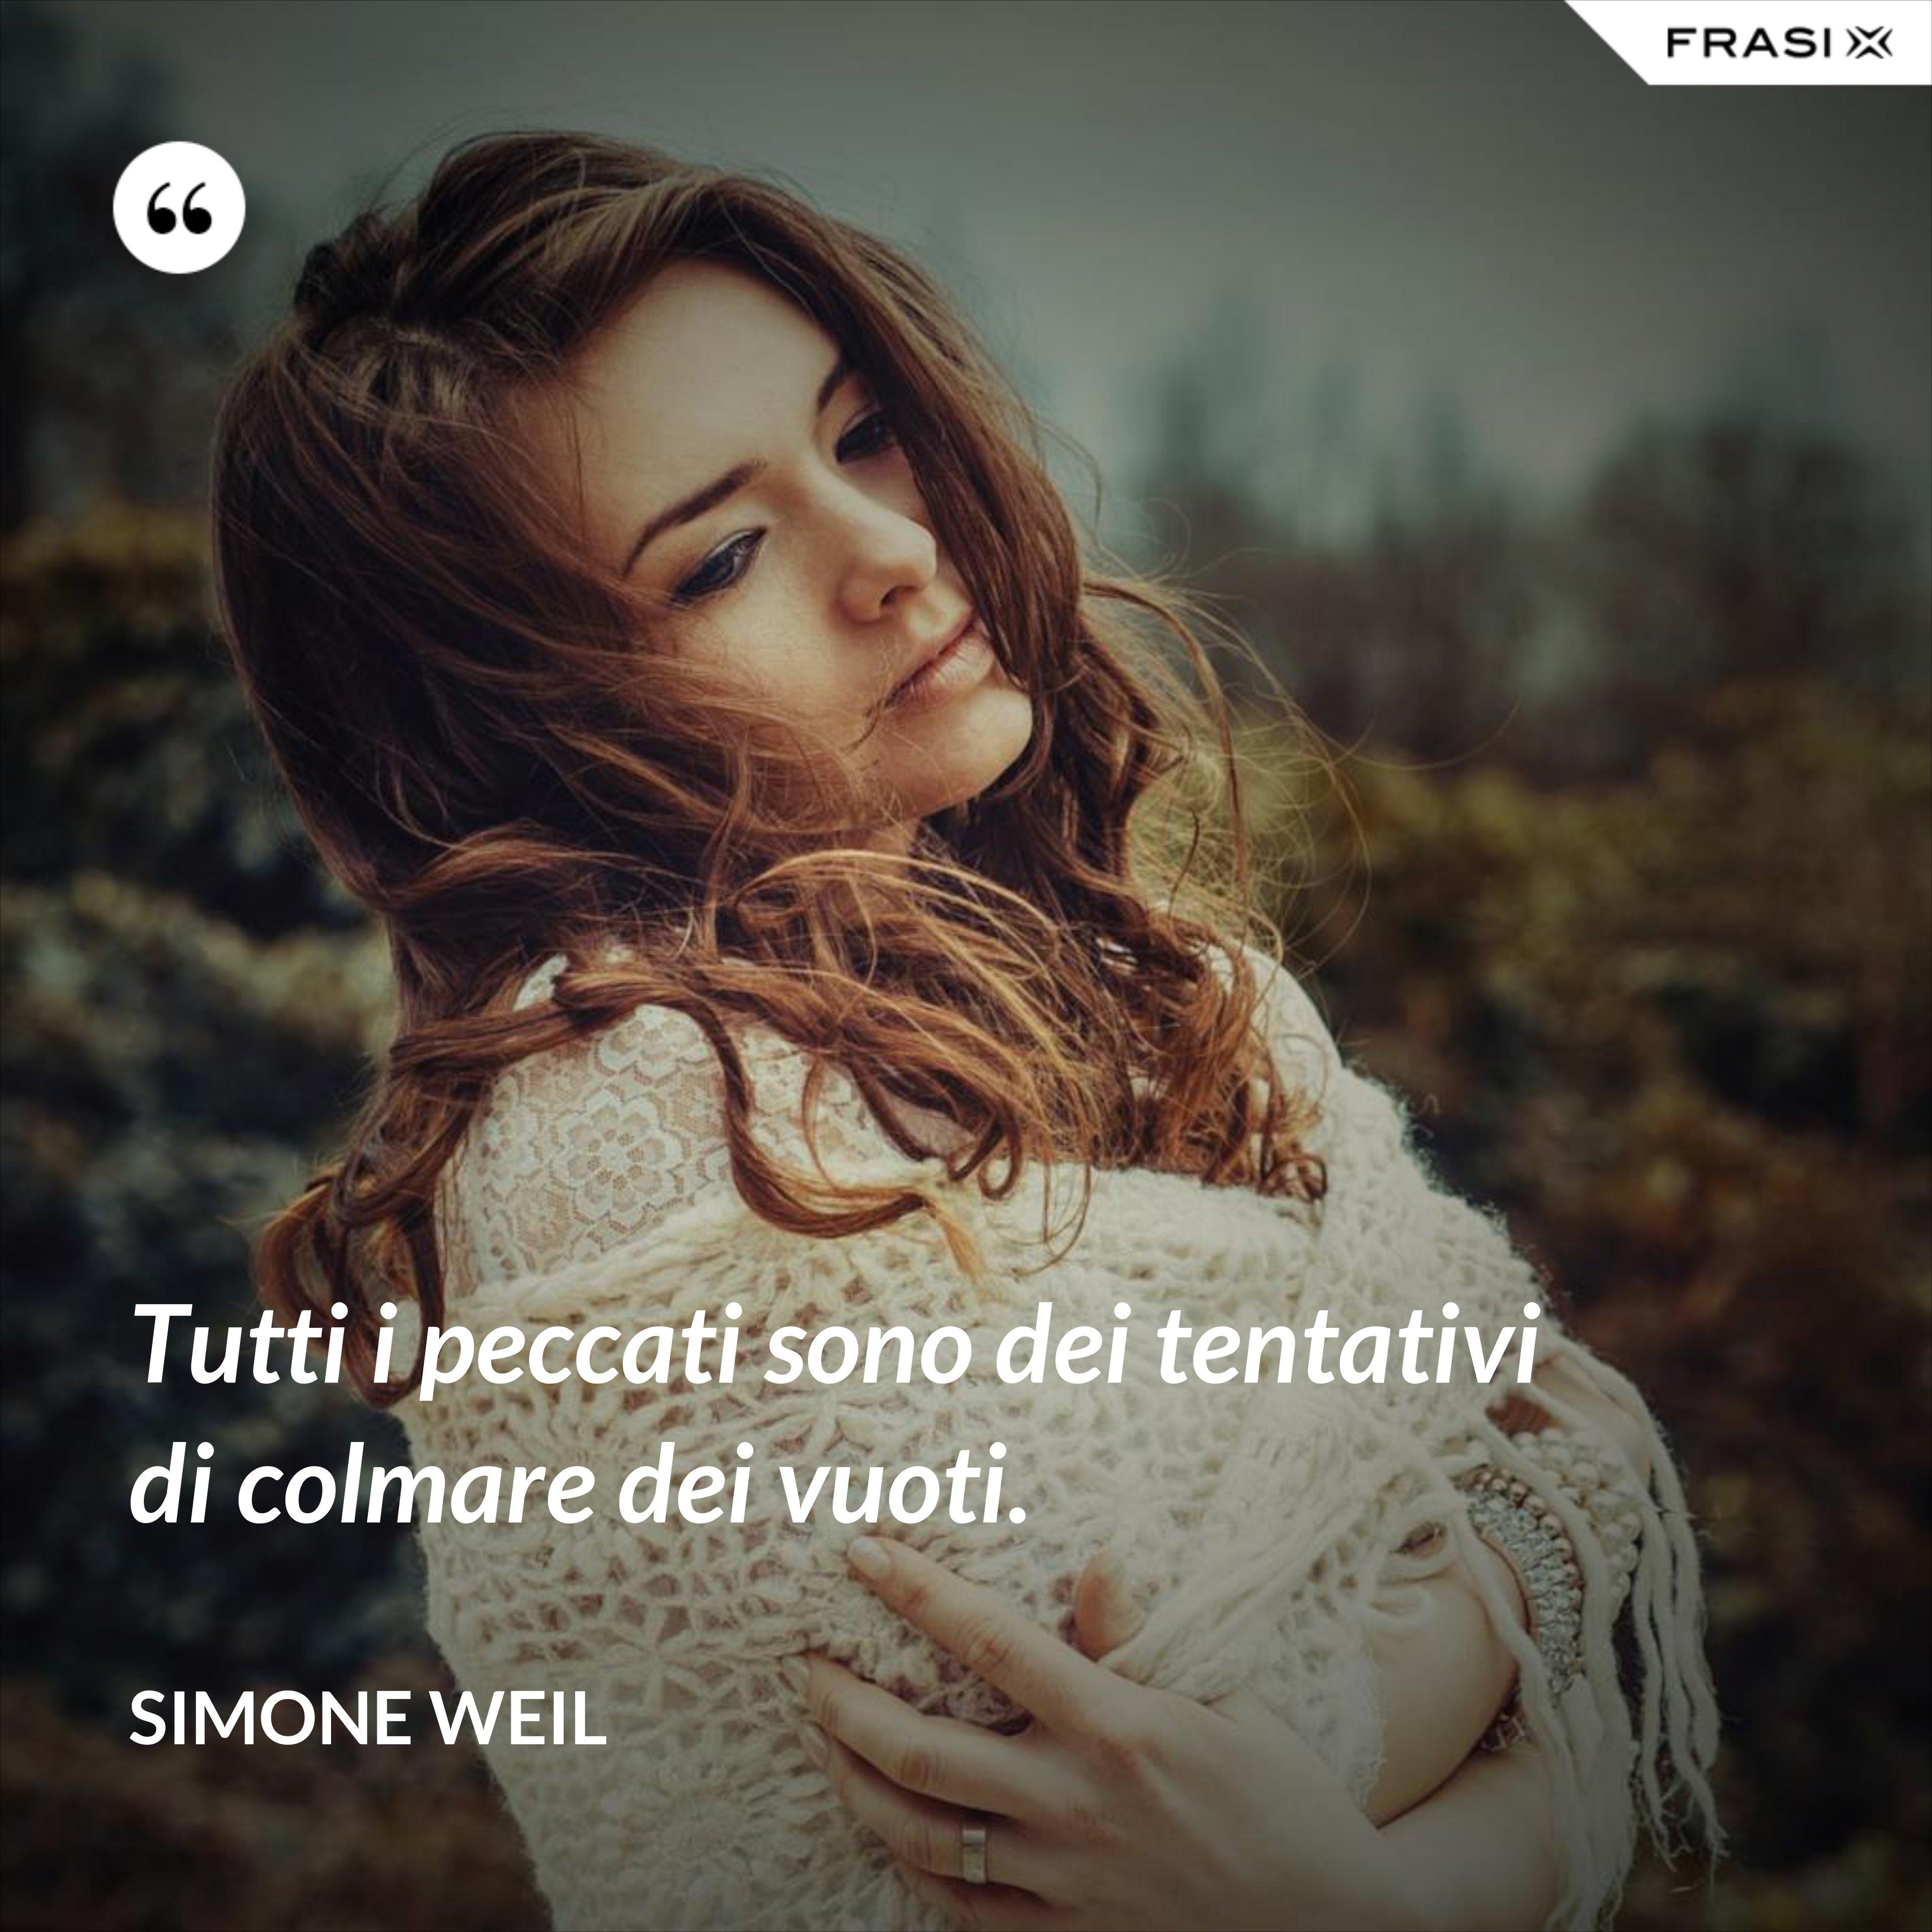 Tutti i peccati sono dei tentativi di colmare dei vuoti. - Simone Weil